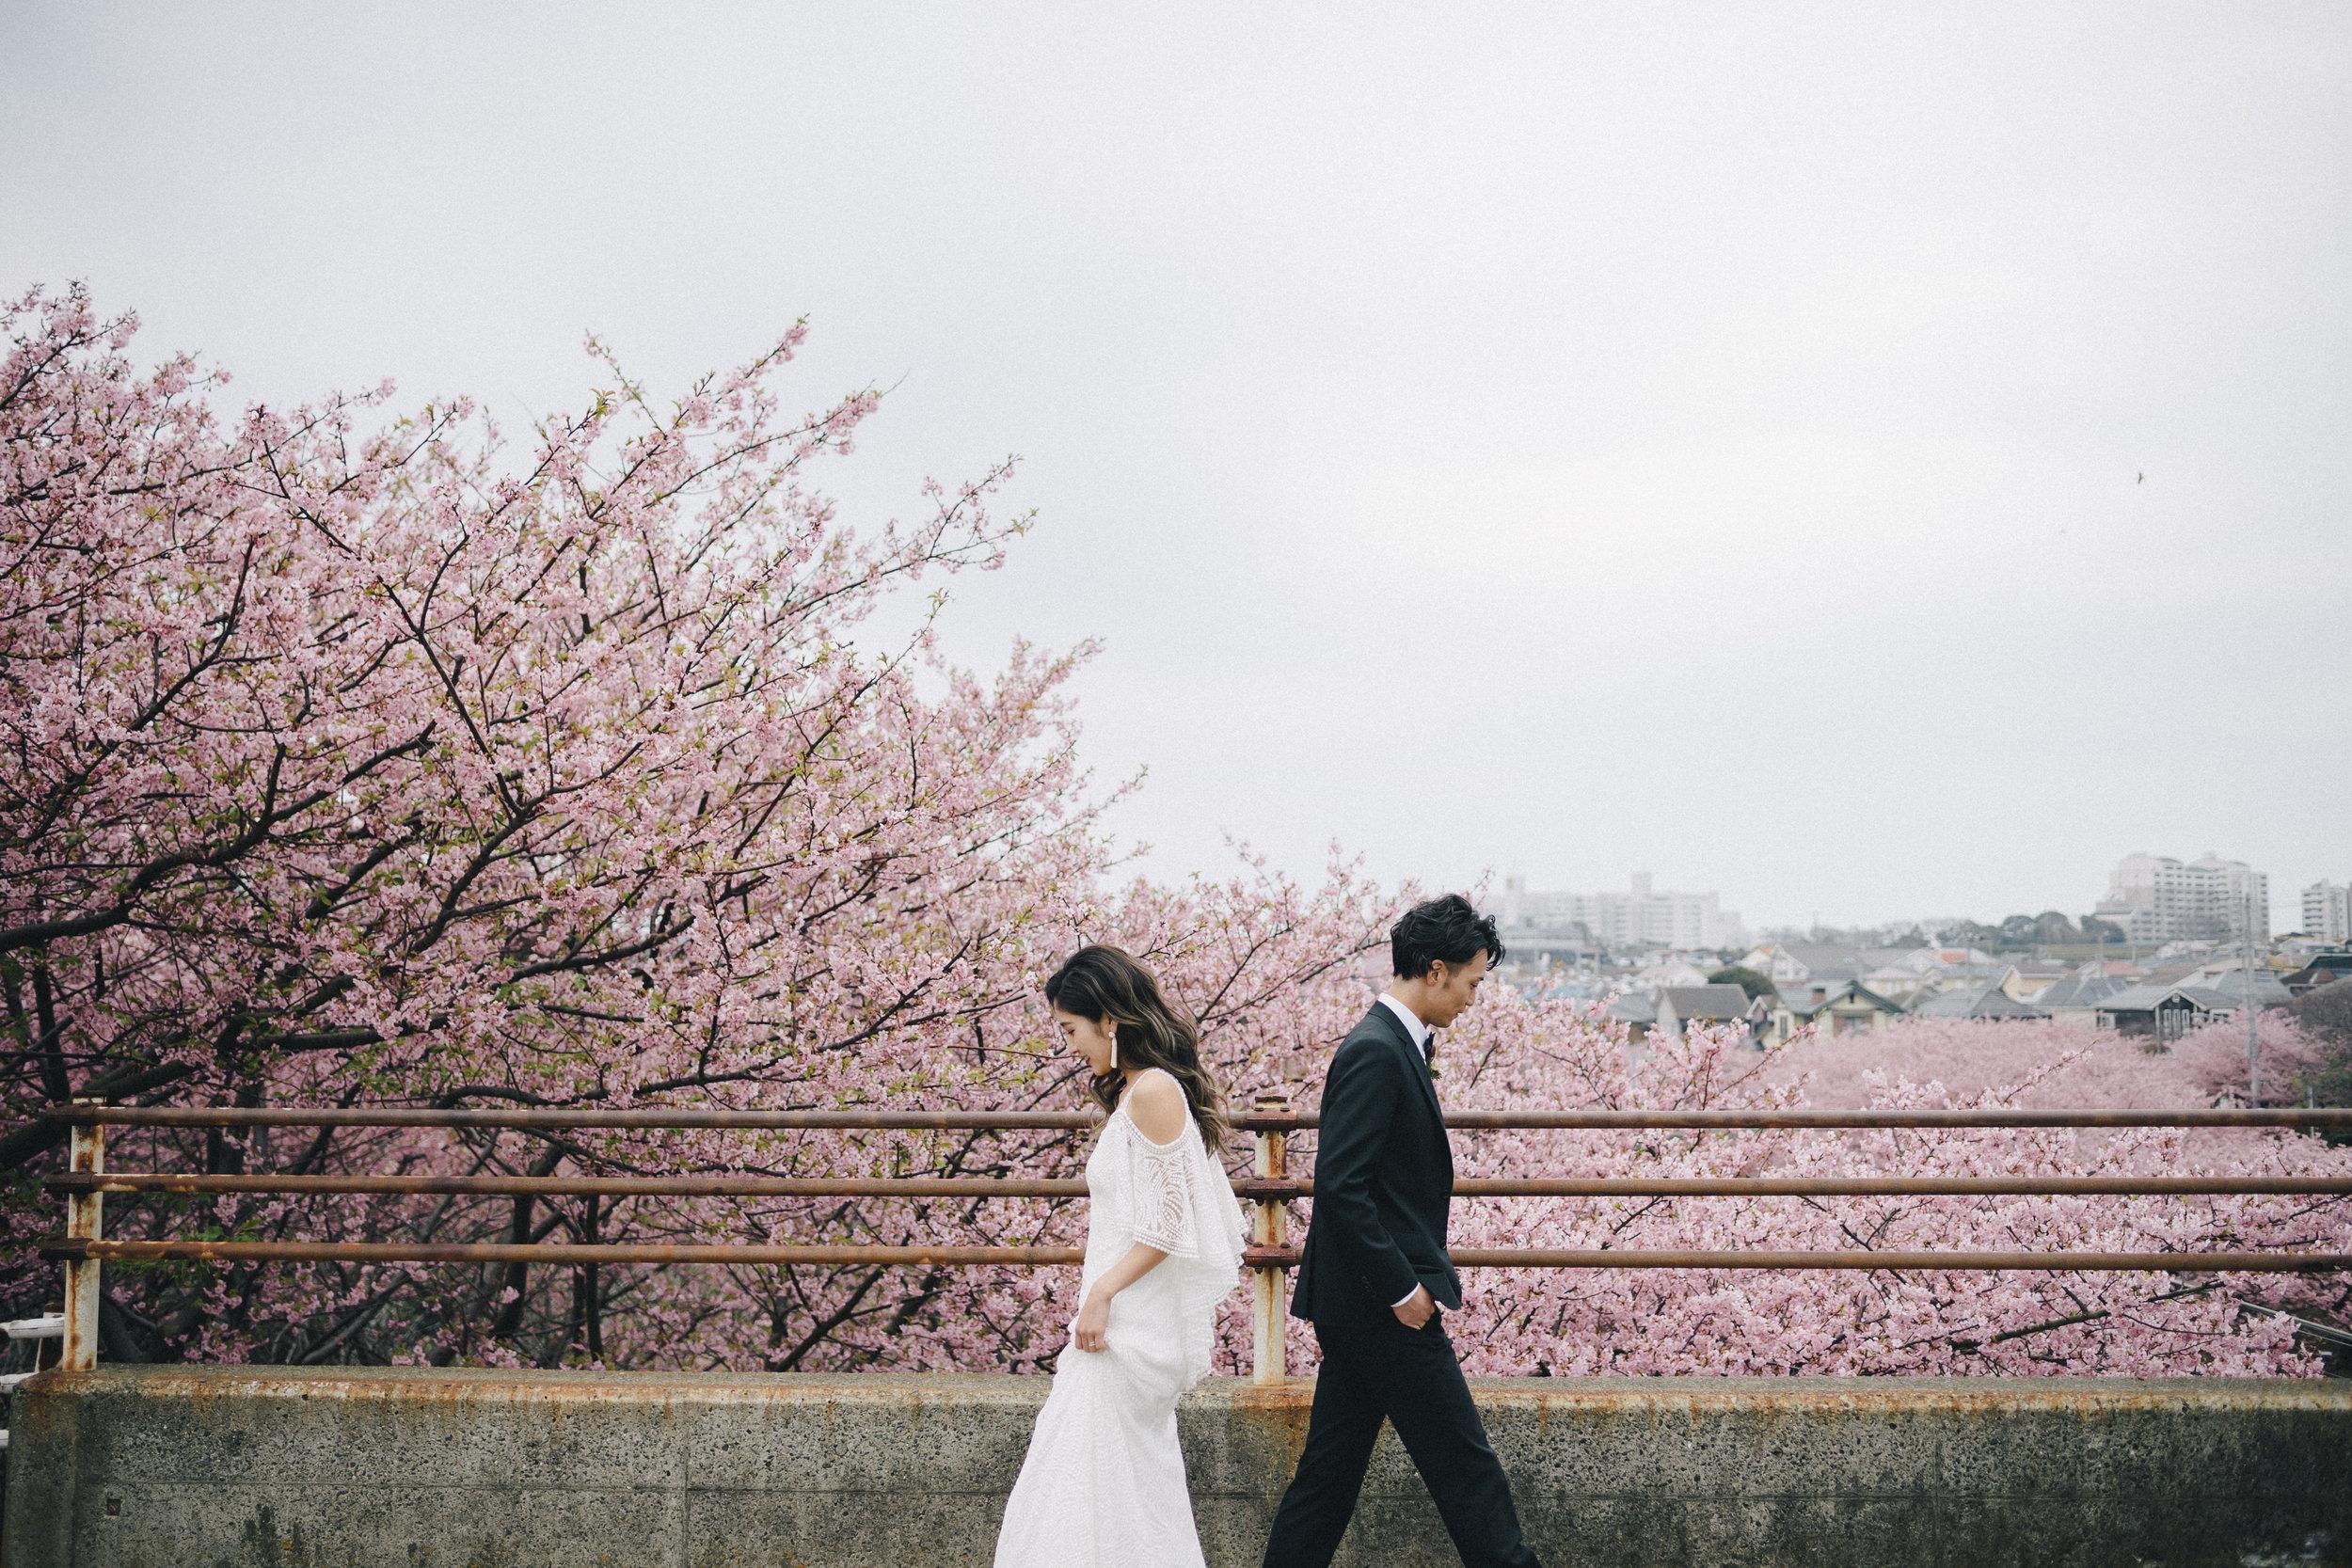 Sakura - 155,000yen + tax